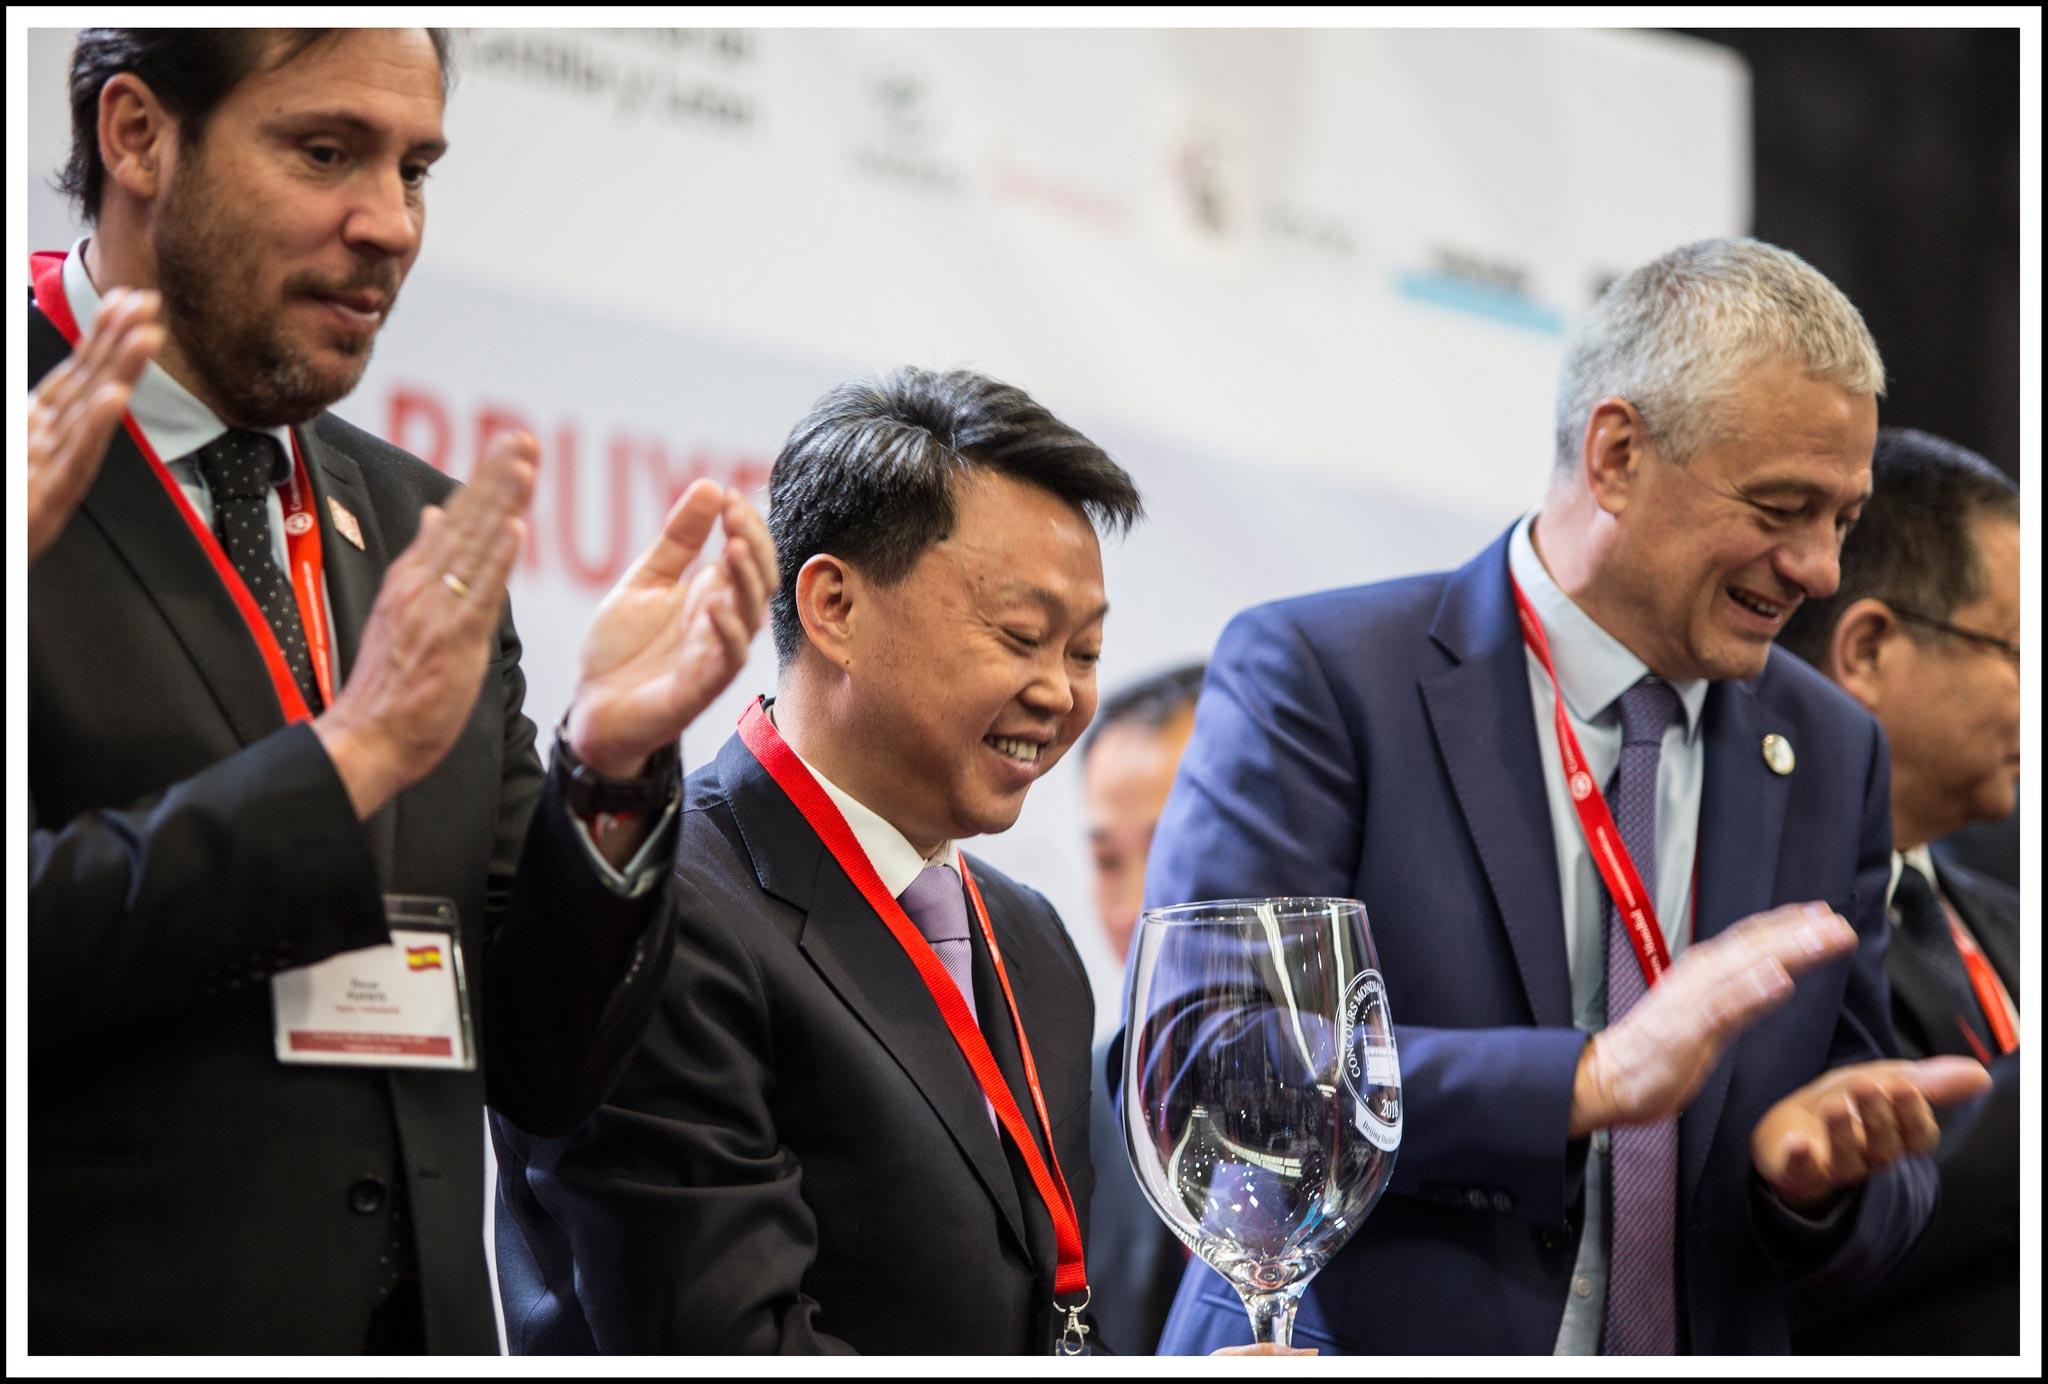 Momento annuncio Concours Bruxelles a Pechino